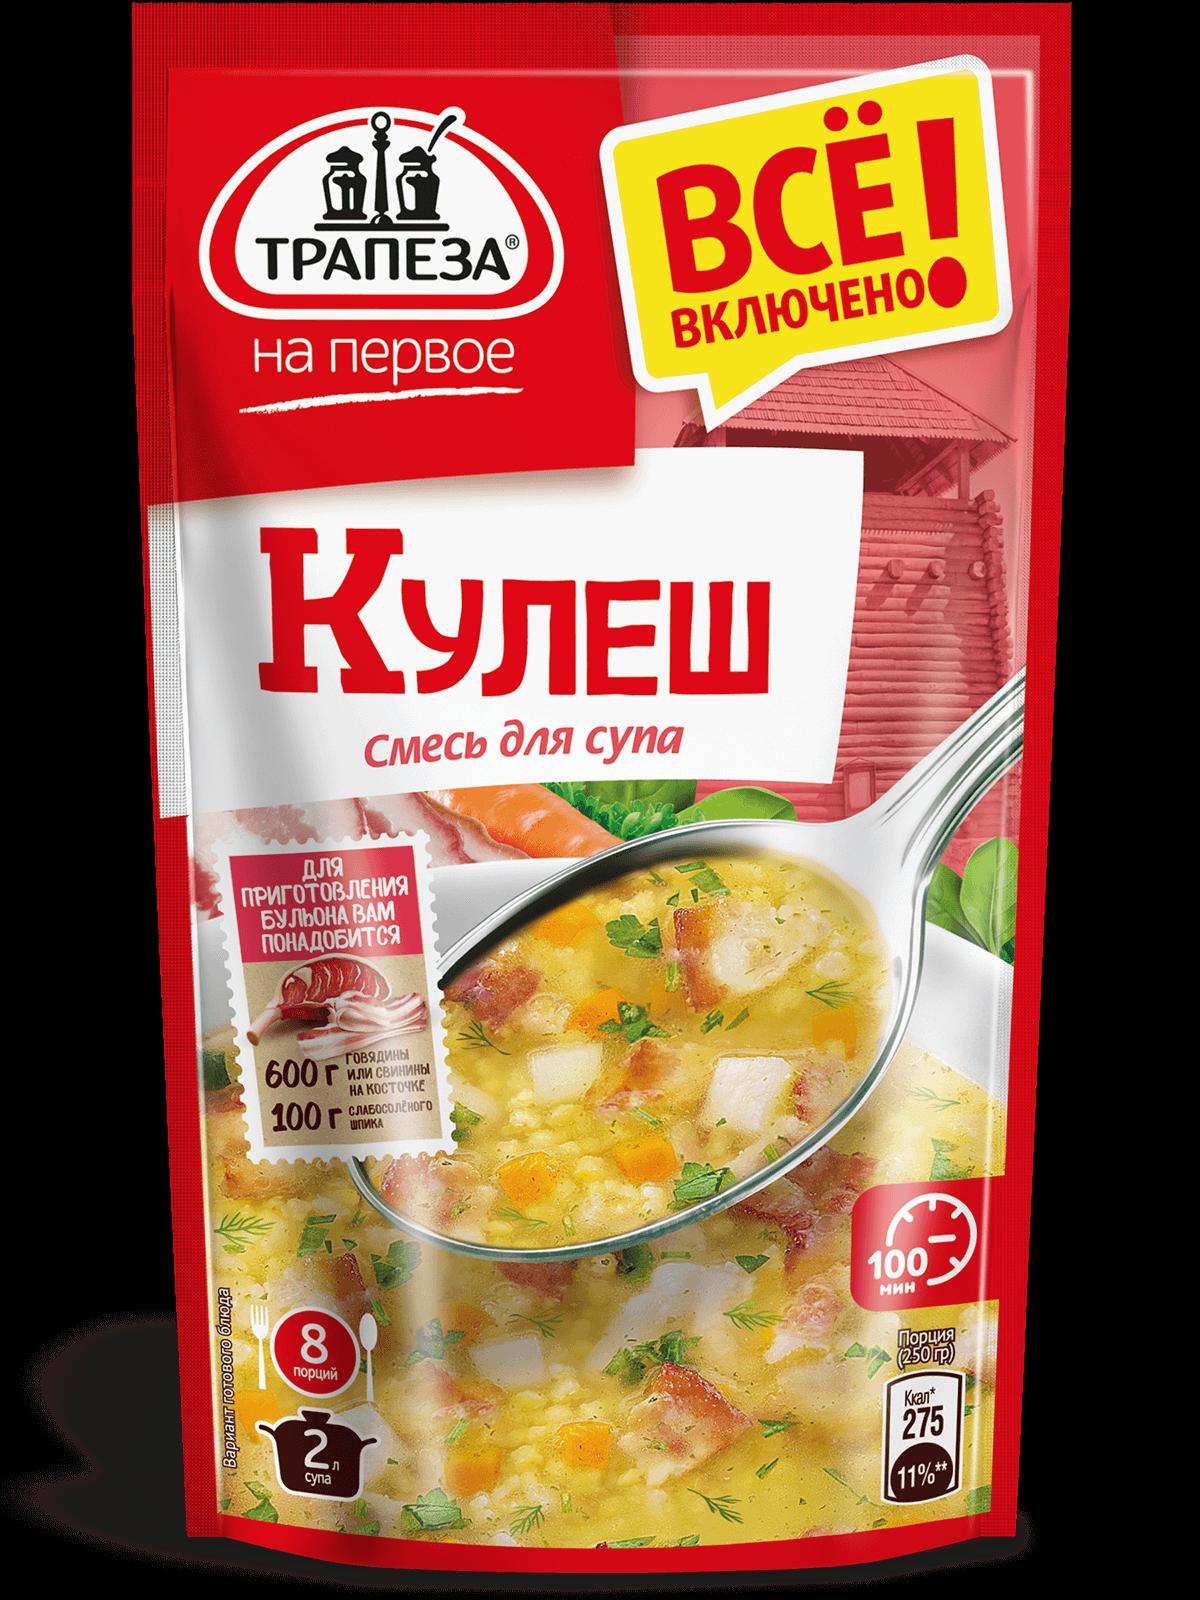 Смесь сухая для приготовления супа. Кулеш 130 г